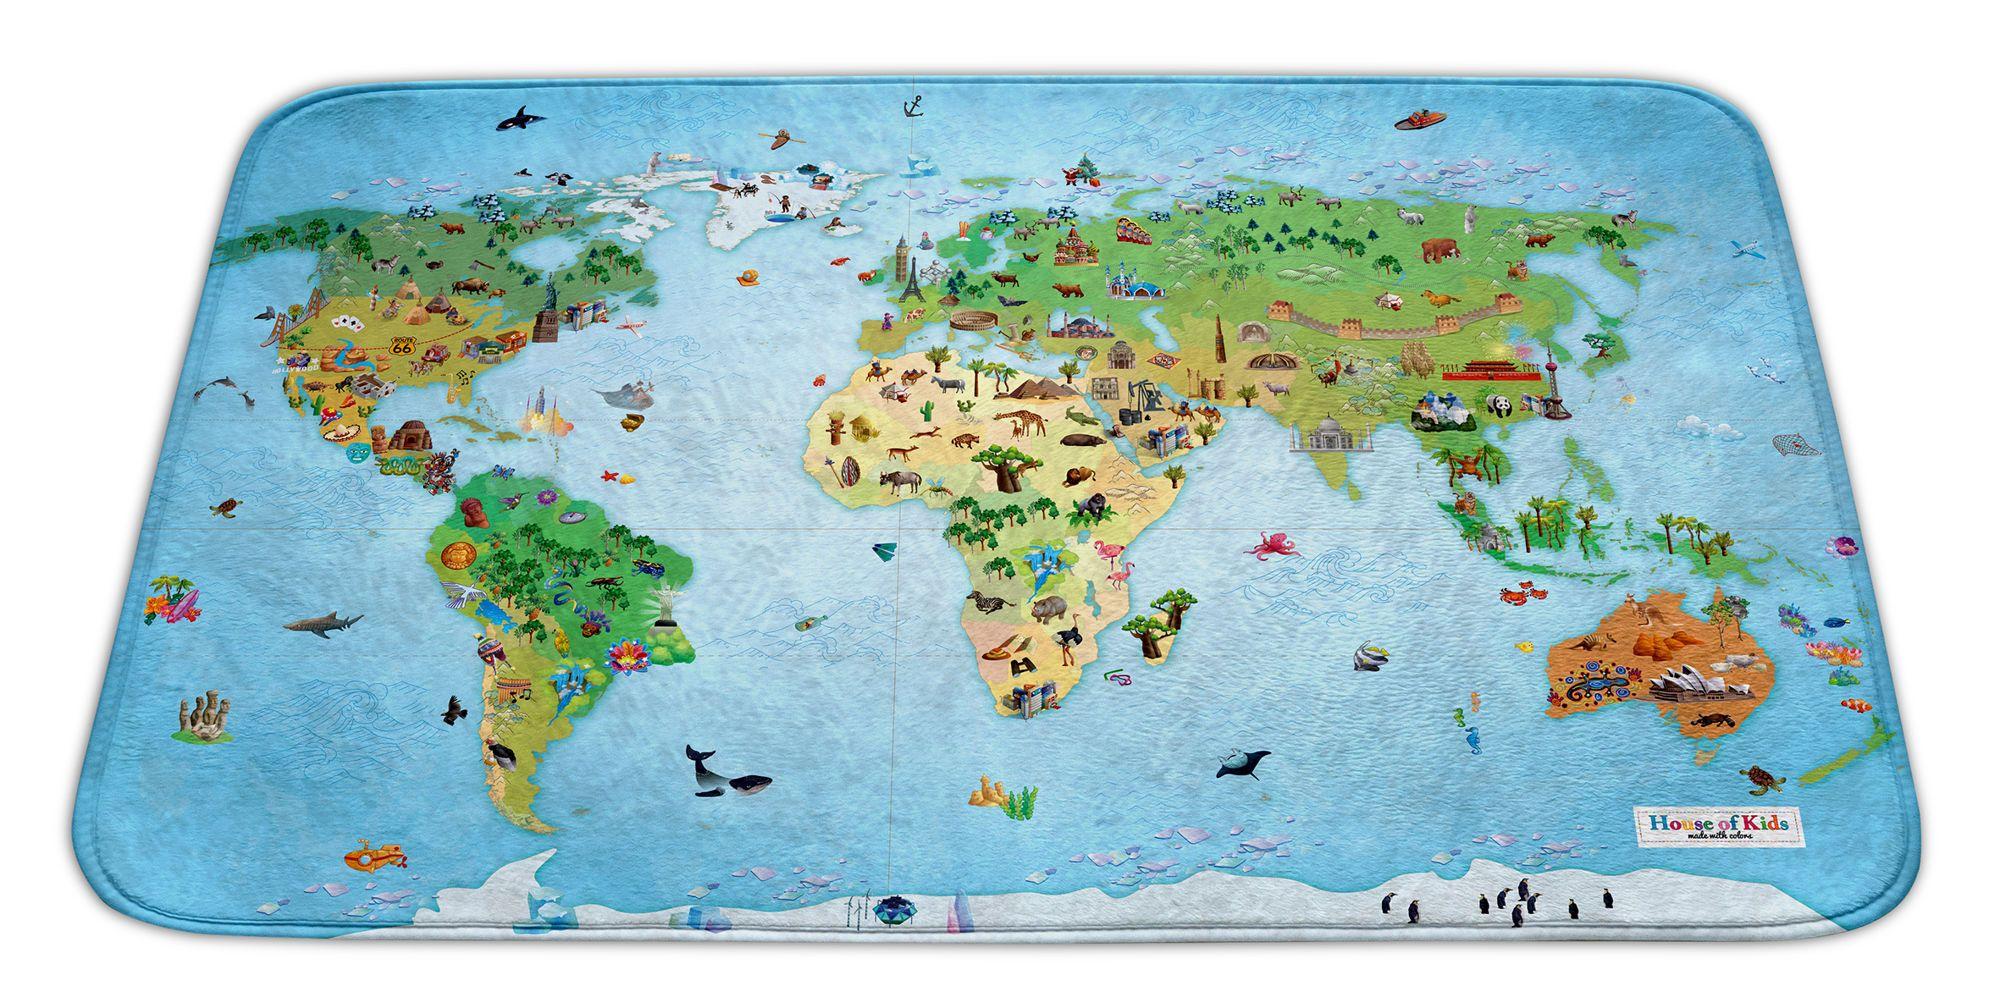 Dywan Dziecięcy Mapa świata Supermiękki Pluszowy Wyjątkowa